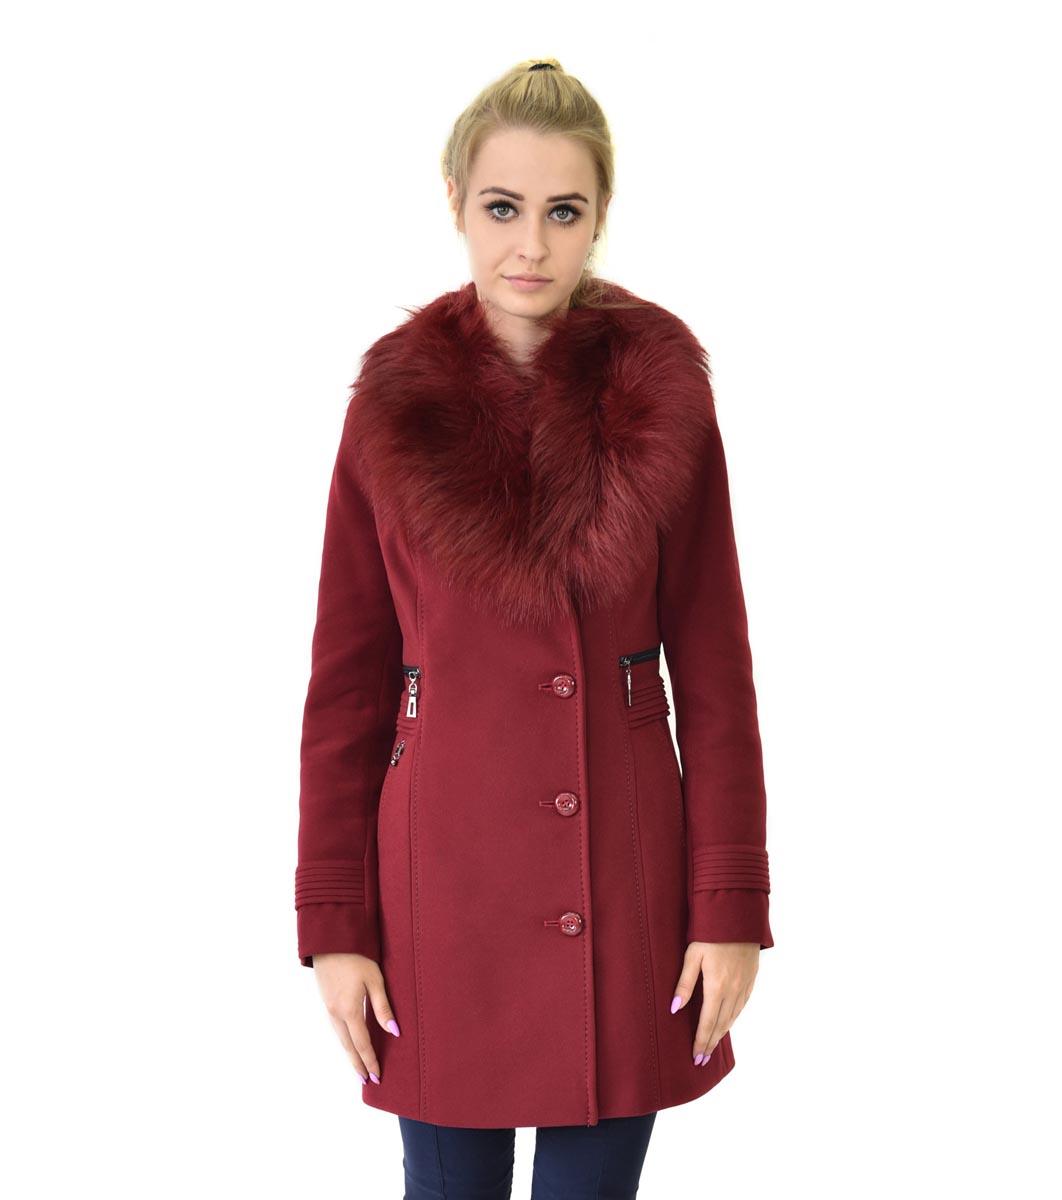 4067424c8e9 Дамско вълнено палто Claret в нюанс на цвят бордо - 2142976 ...